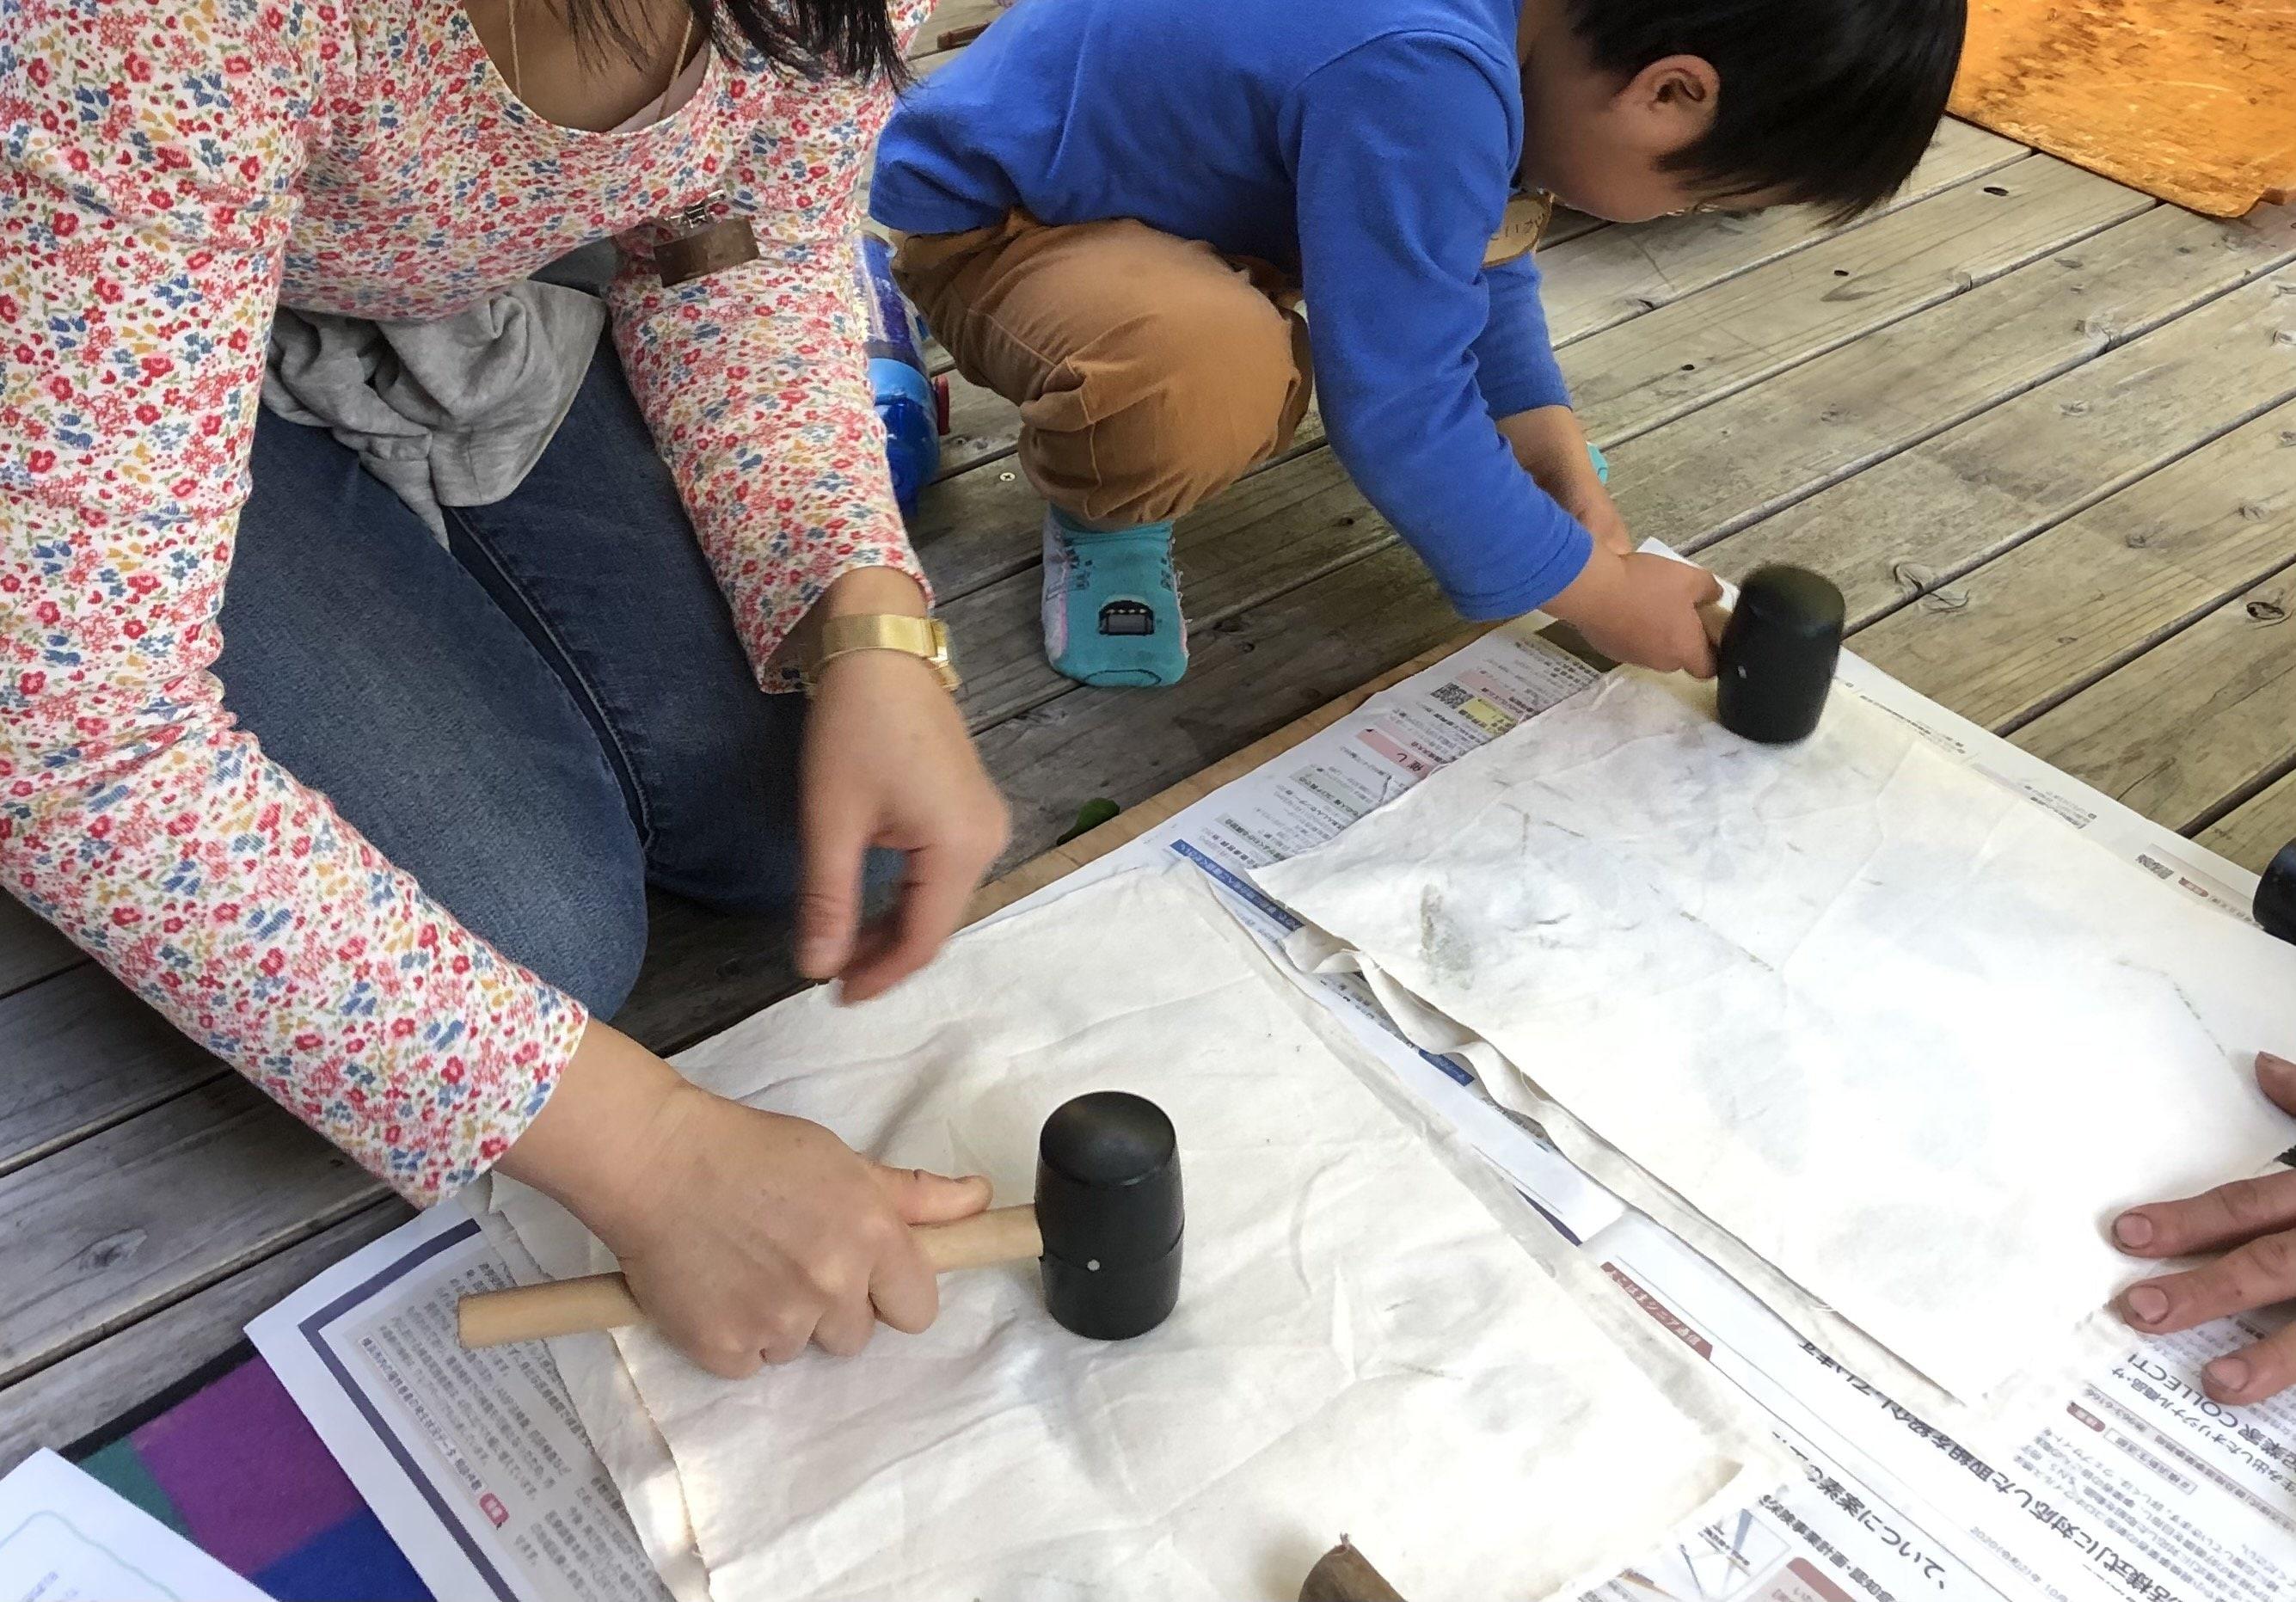 【日曜おやこクラス*6/20(日)午後14:00〜】葉っぱのたたき染めコースターをつくろう!のイメージその3